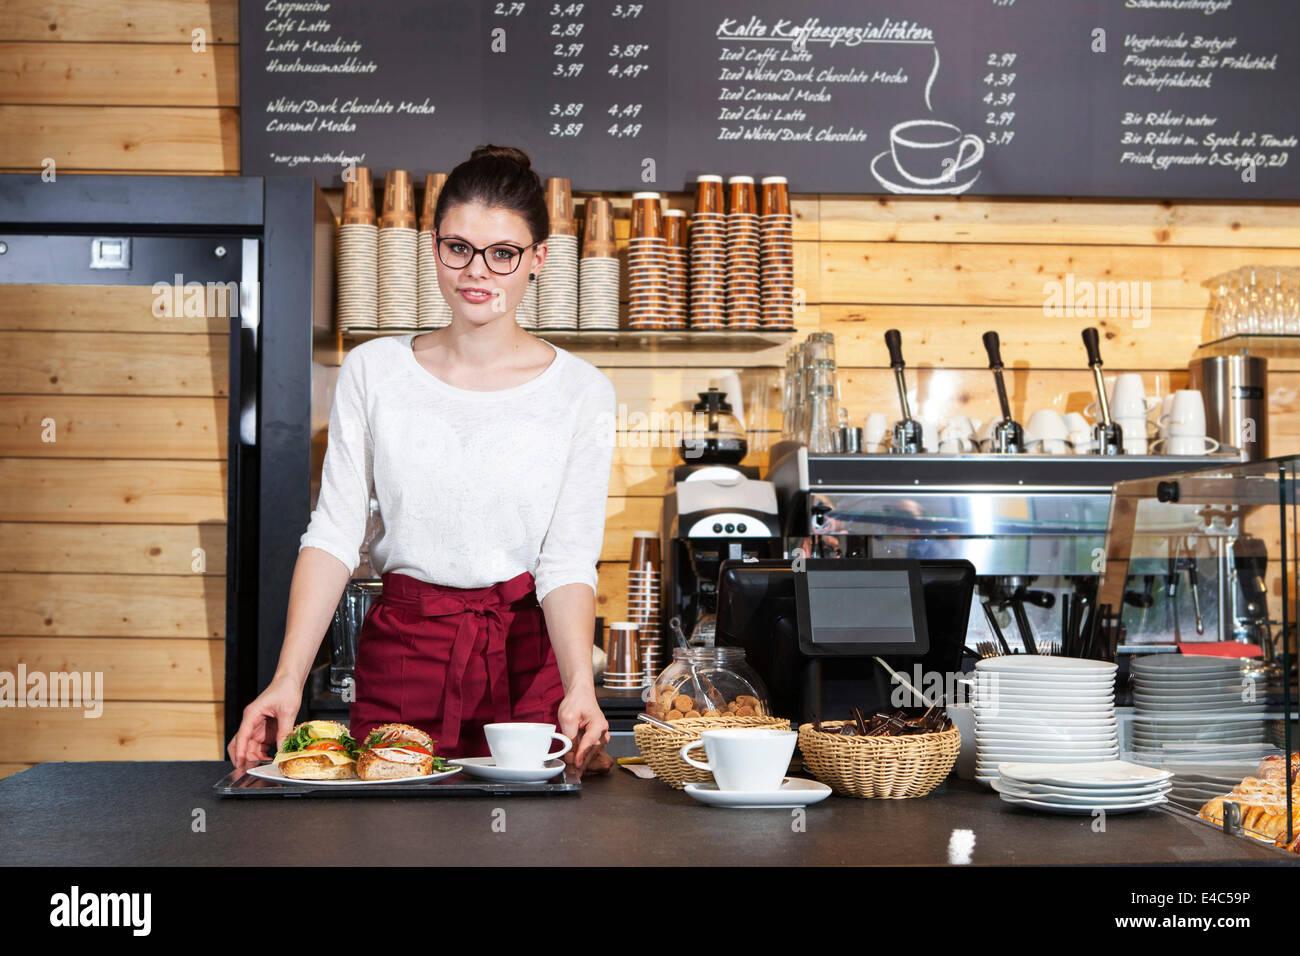 Kellnerin im Café serviert Sandwiches auf einem Tablett Stockbild